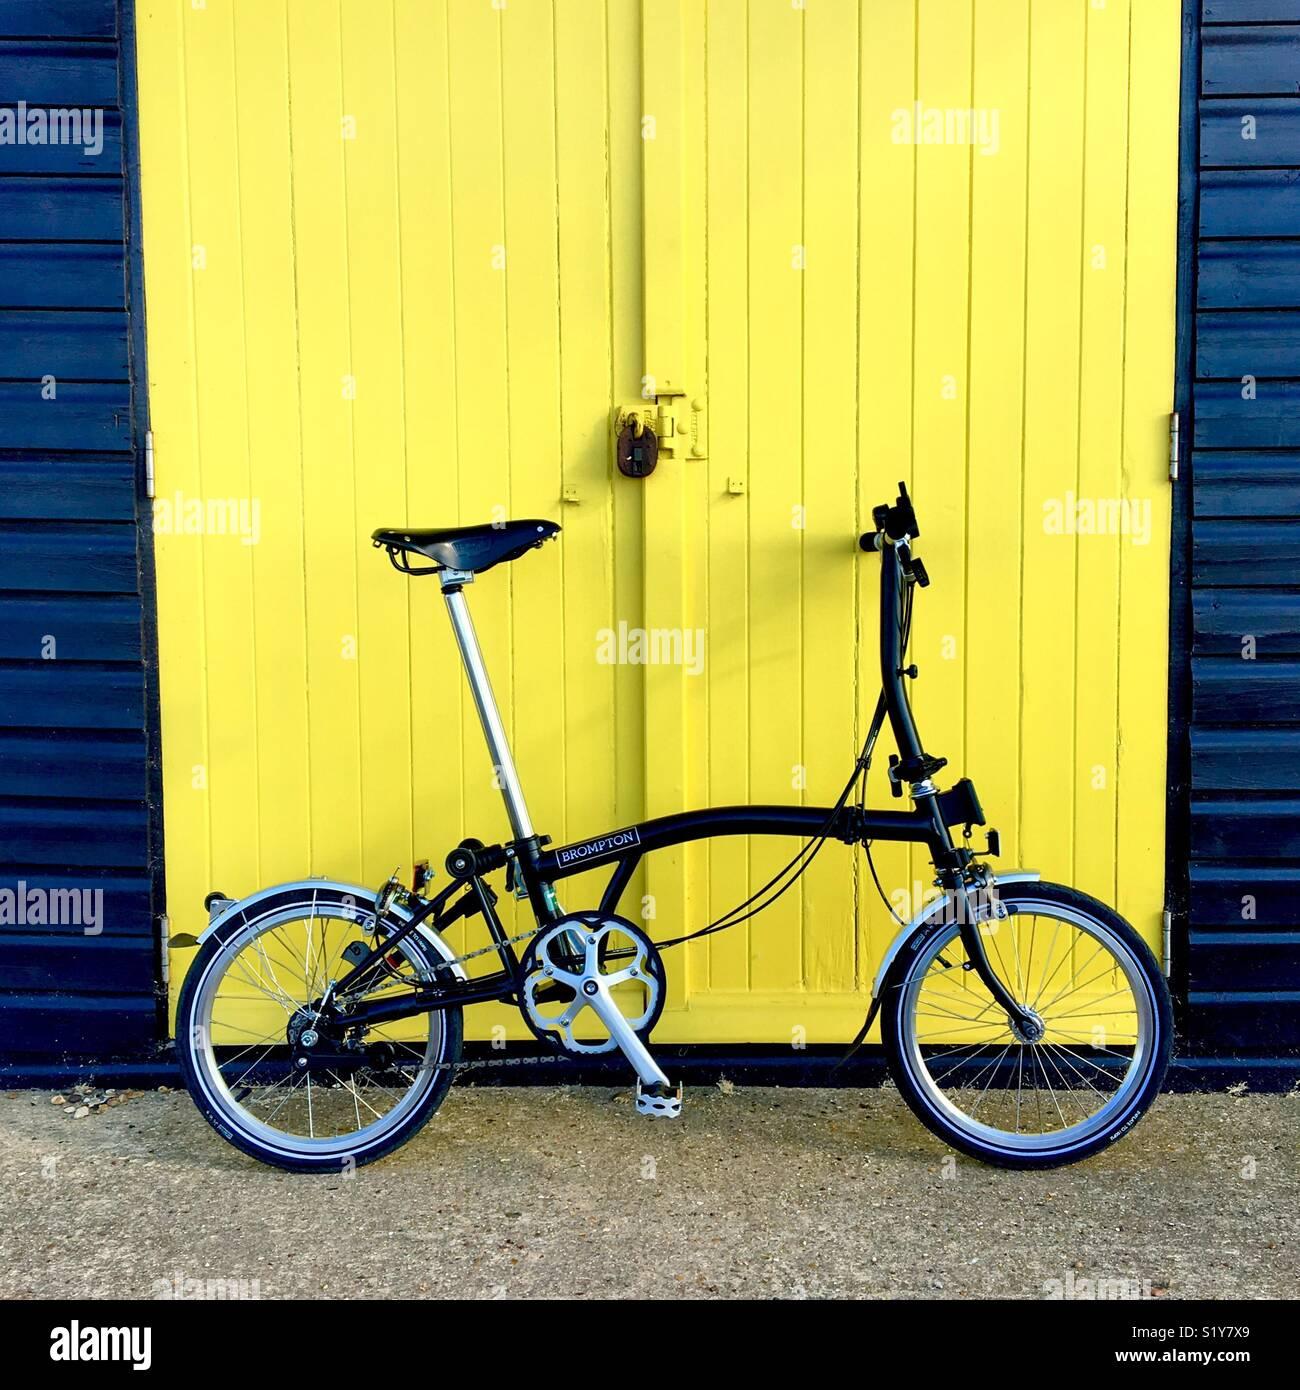 Un vélo Brompton noire appuyée sur une cabane de plage peint jaune porte. Photo Stock